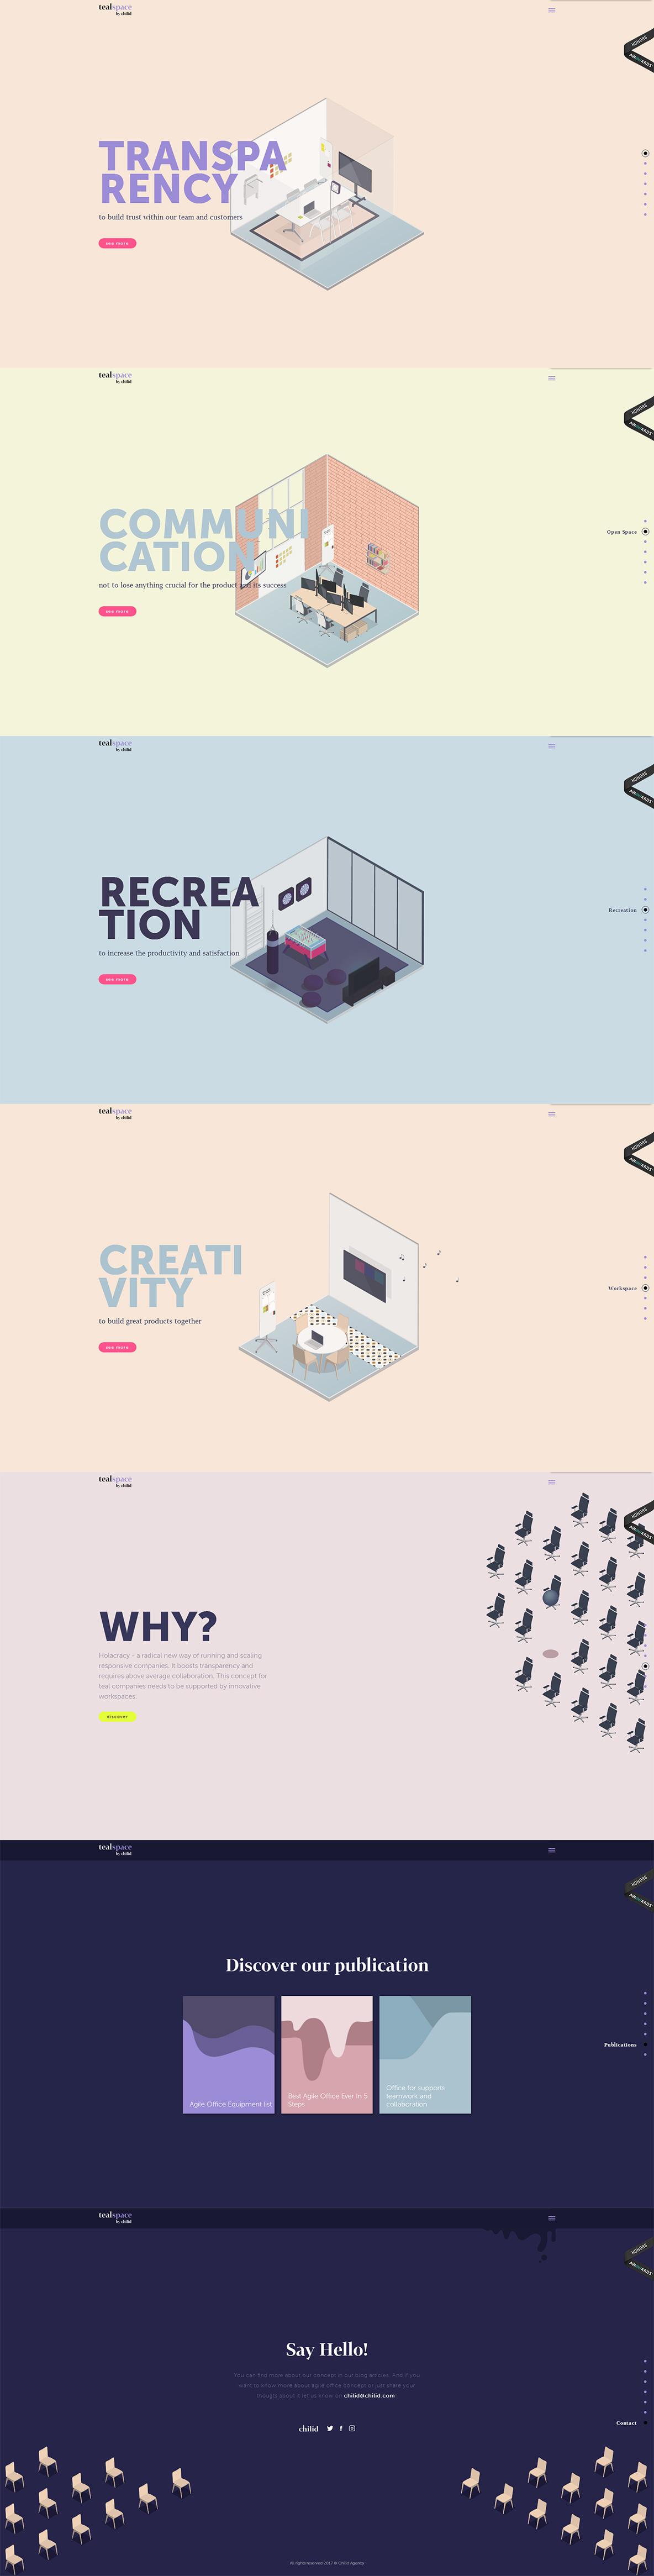 Teal Workspace by Chilid-创意,网页设计,创意设计,创意网站,字体设计,设计网站,设计作品,网站欣赏,优,ui设计,设计,设计师,平面设计,电商设计,动漫设计,网站设计